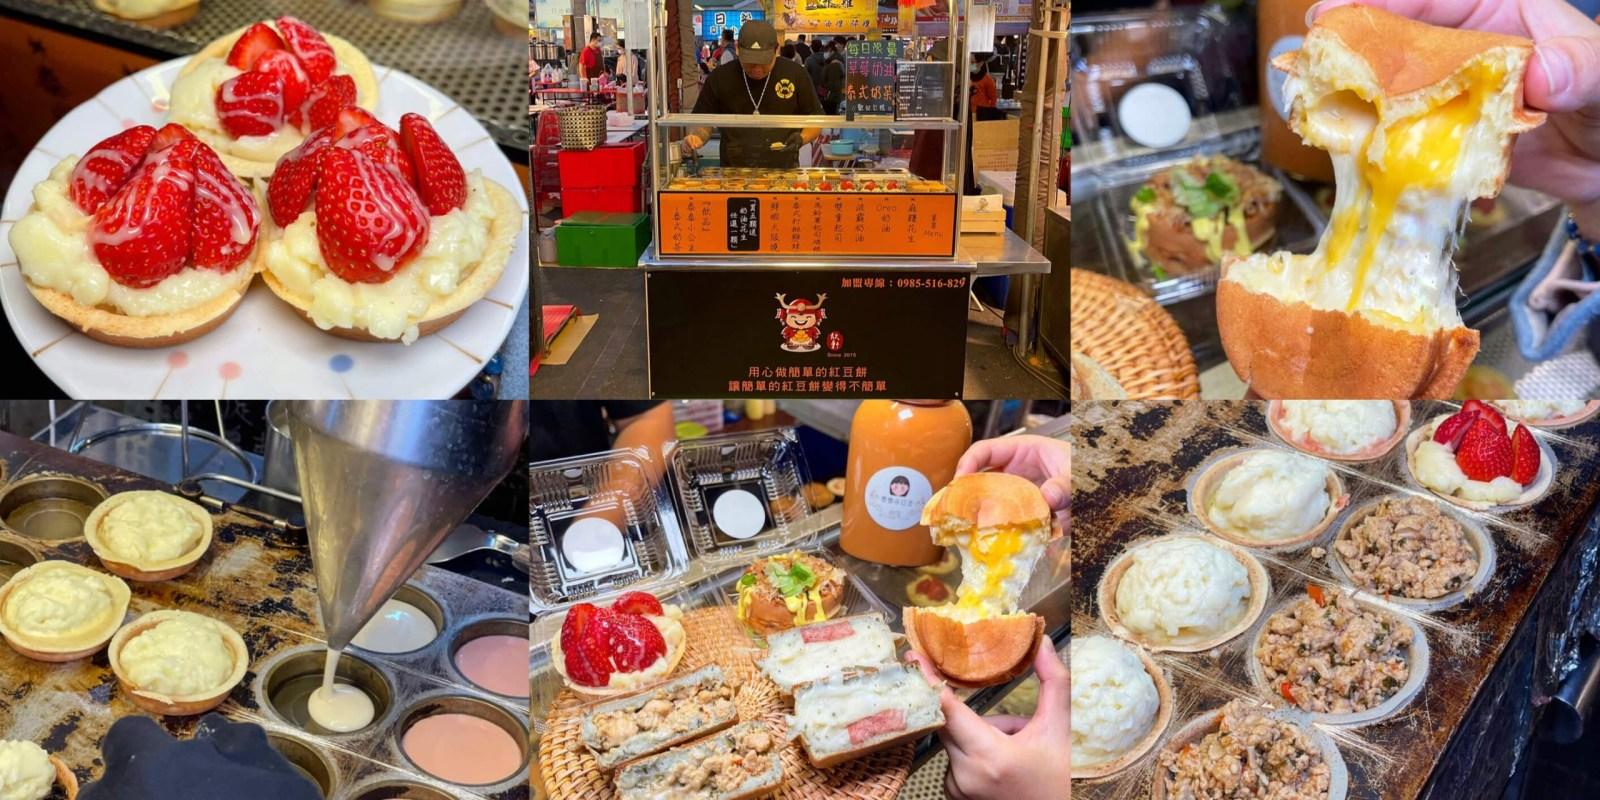 [台南美食] 欣軒堂脆皮車輪餅專賣 - 餡料滿滿還有多種創意口味的脆皮車輪餅